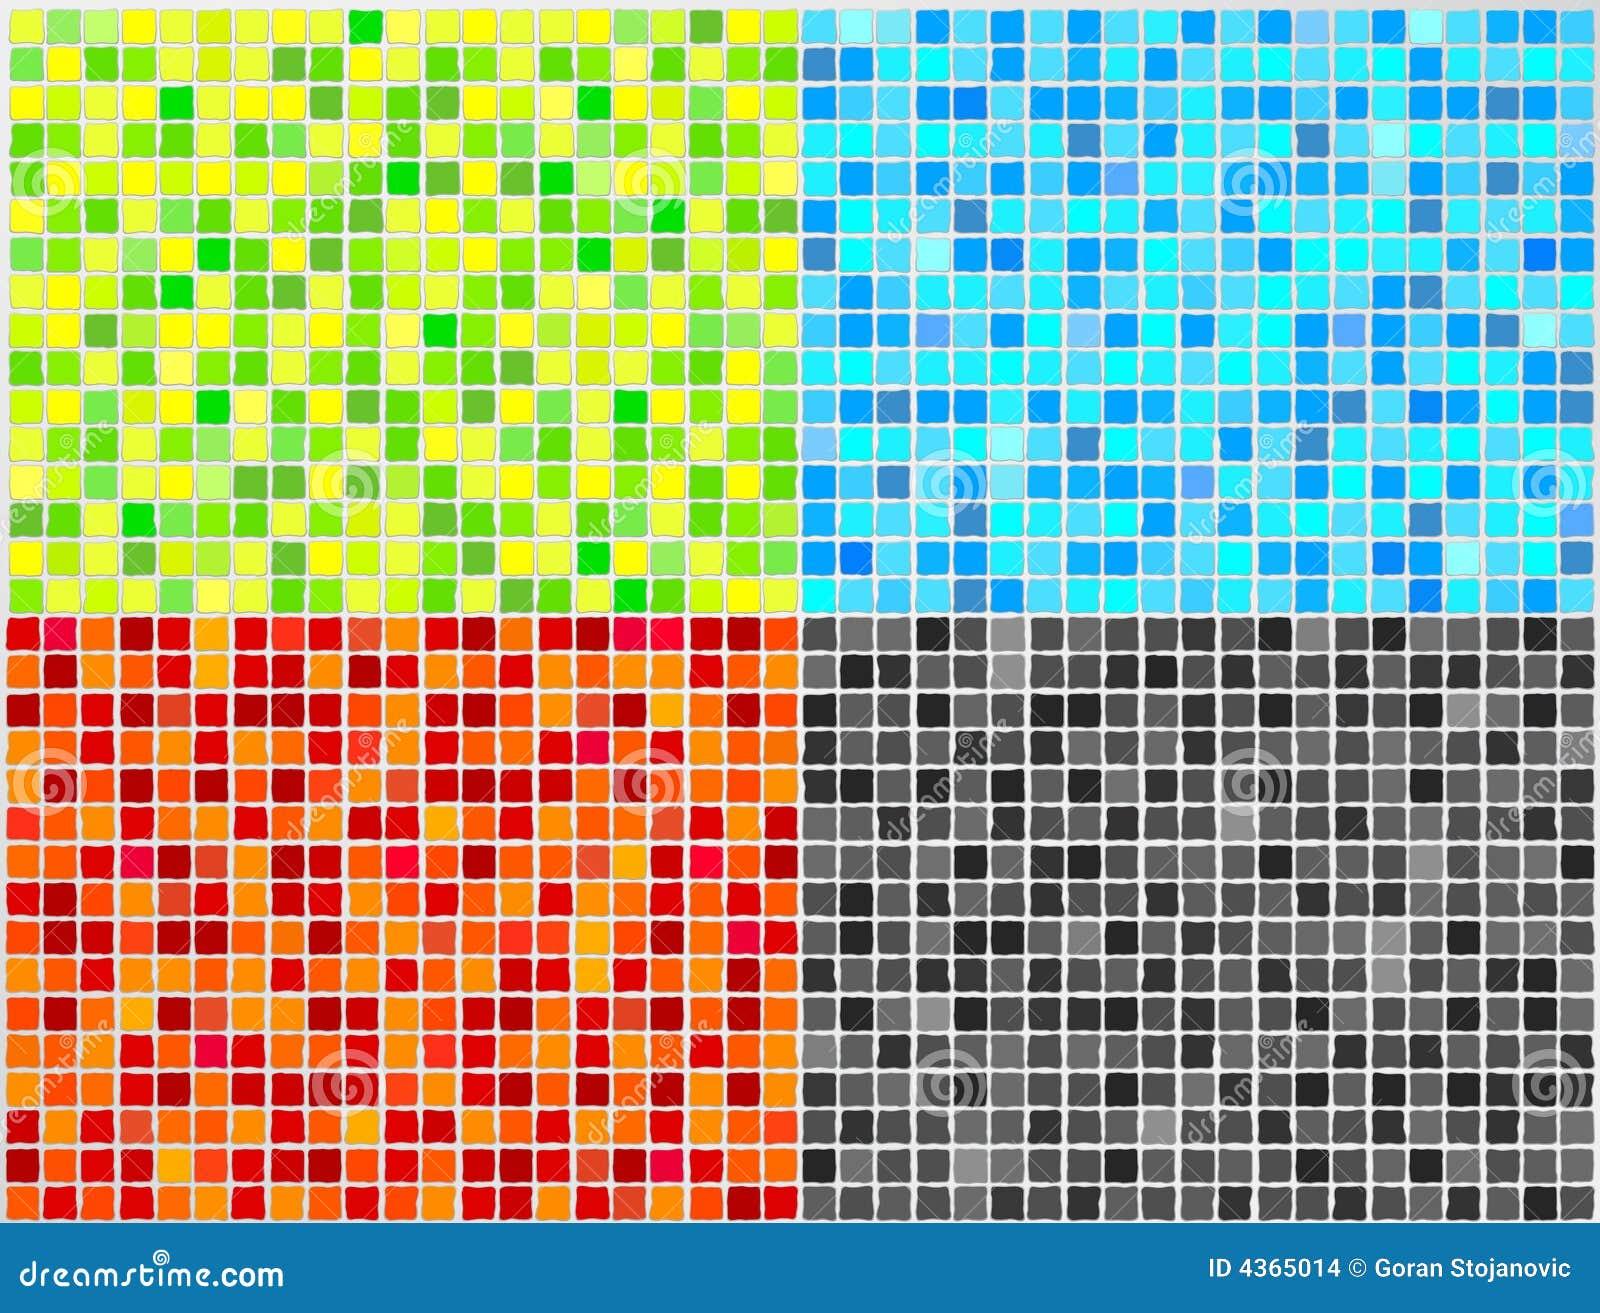 Azulejo de mosaico del vector 4 colores imagenes de - Mosaicos de colores ...